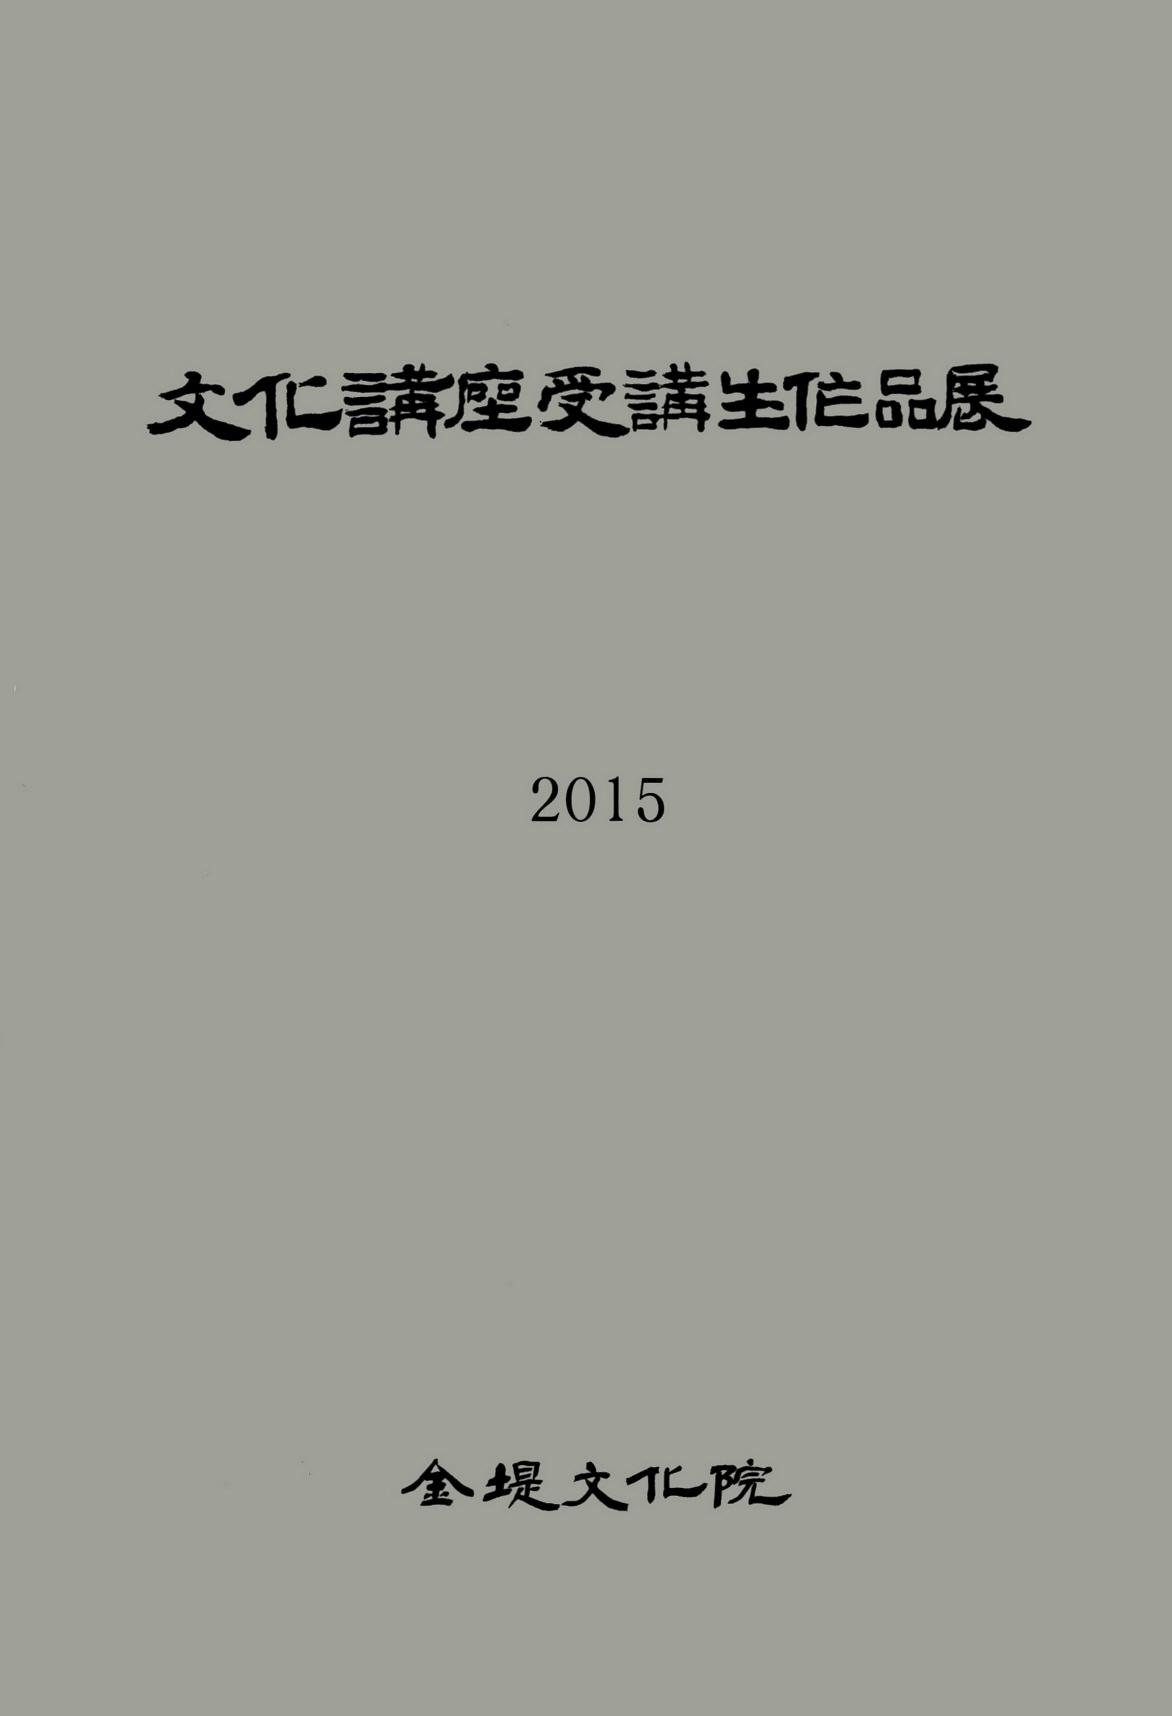 문화강좌수강생작품전 2015